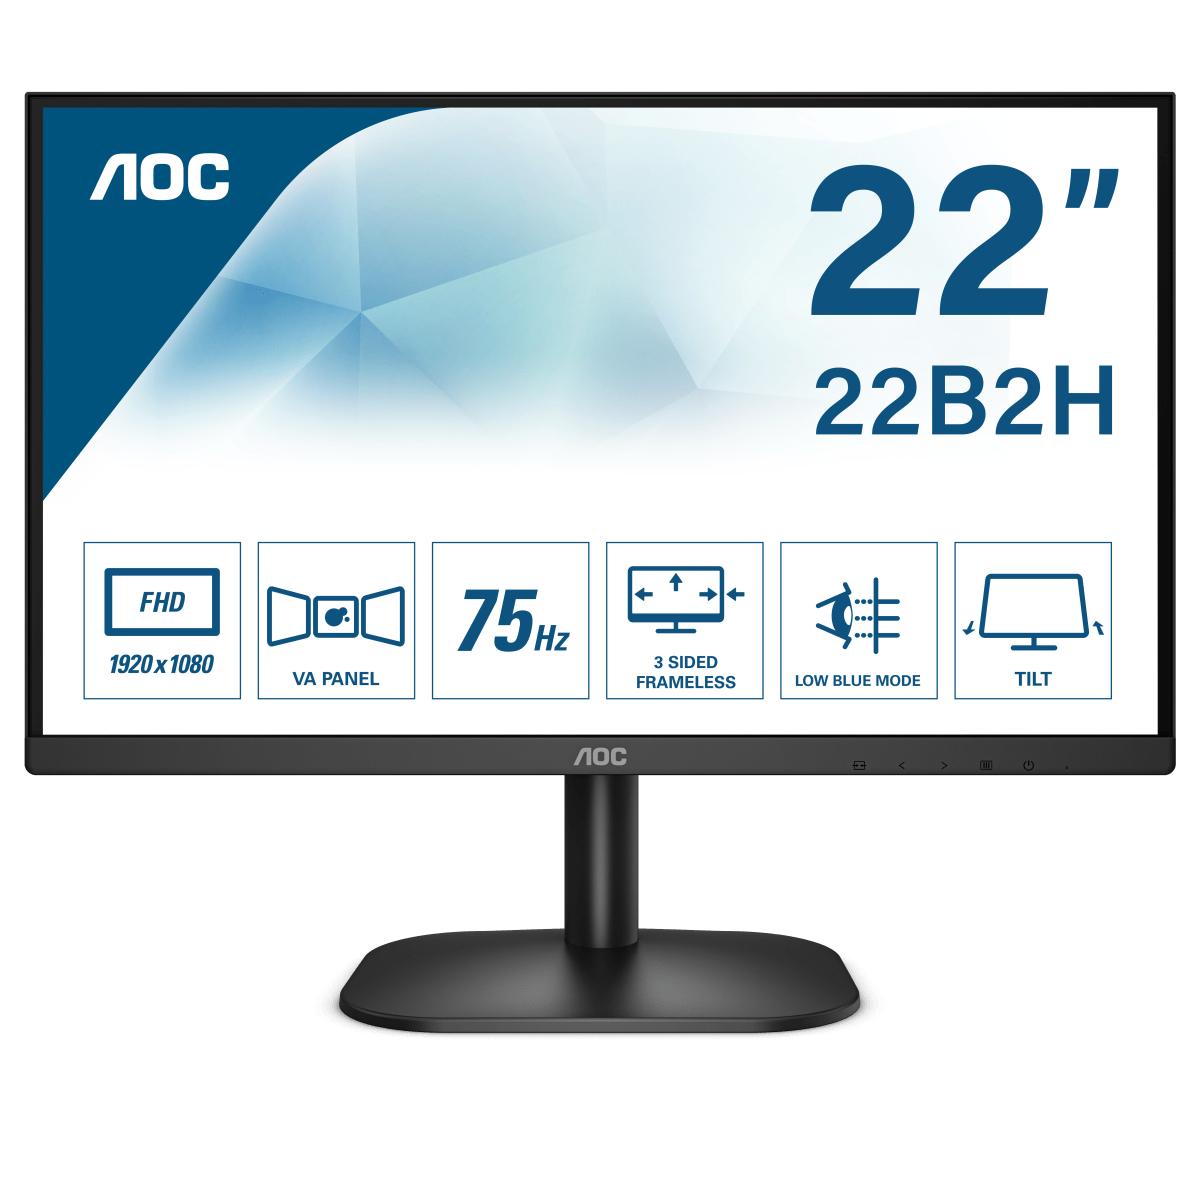 """AOC 22B2H pantalla para PC 54,6 cm (21.5"""") 1920 x 1080 Pixeles Full HD LED Negro"""